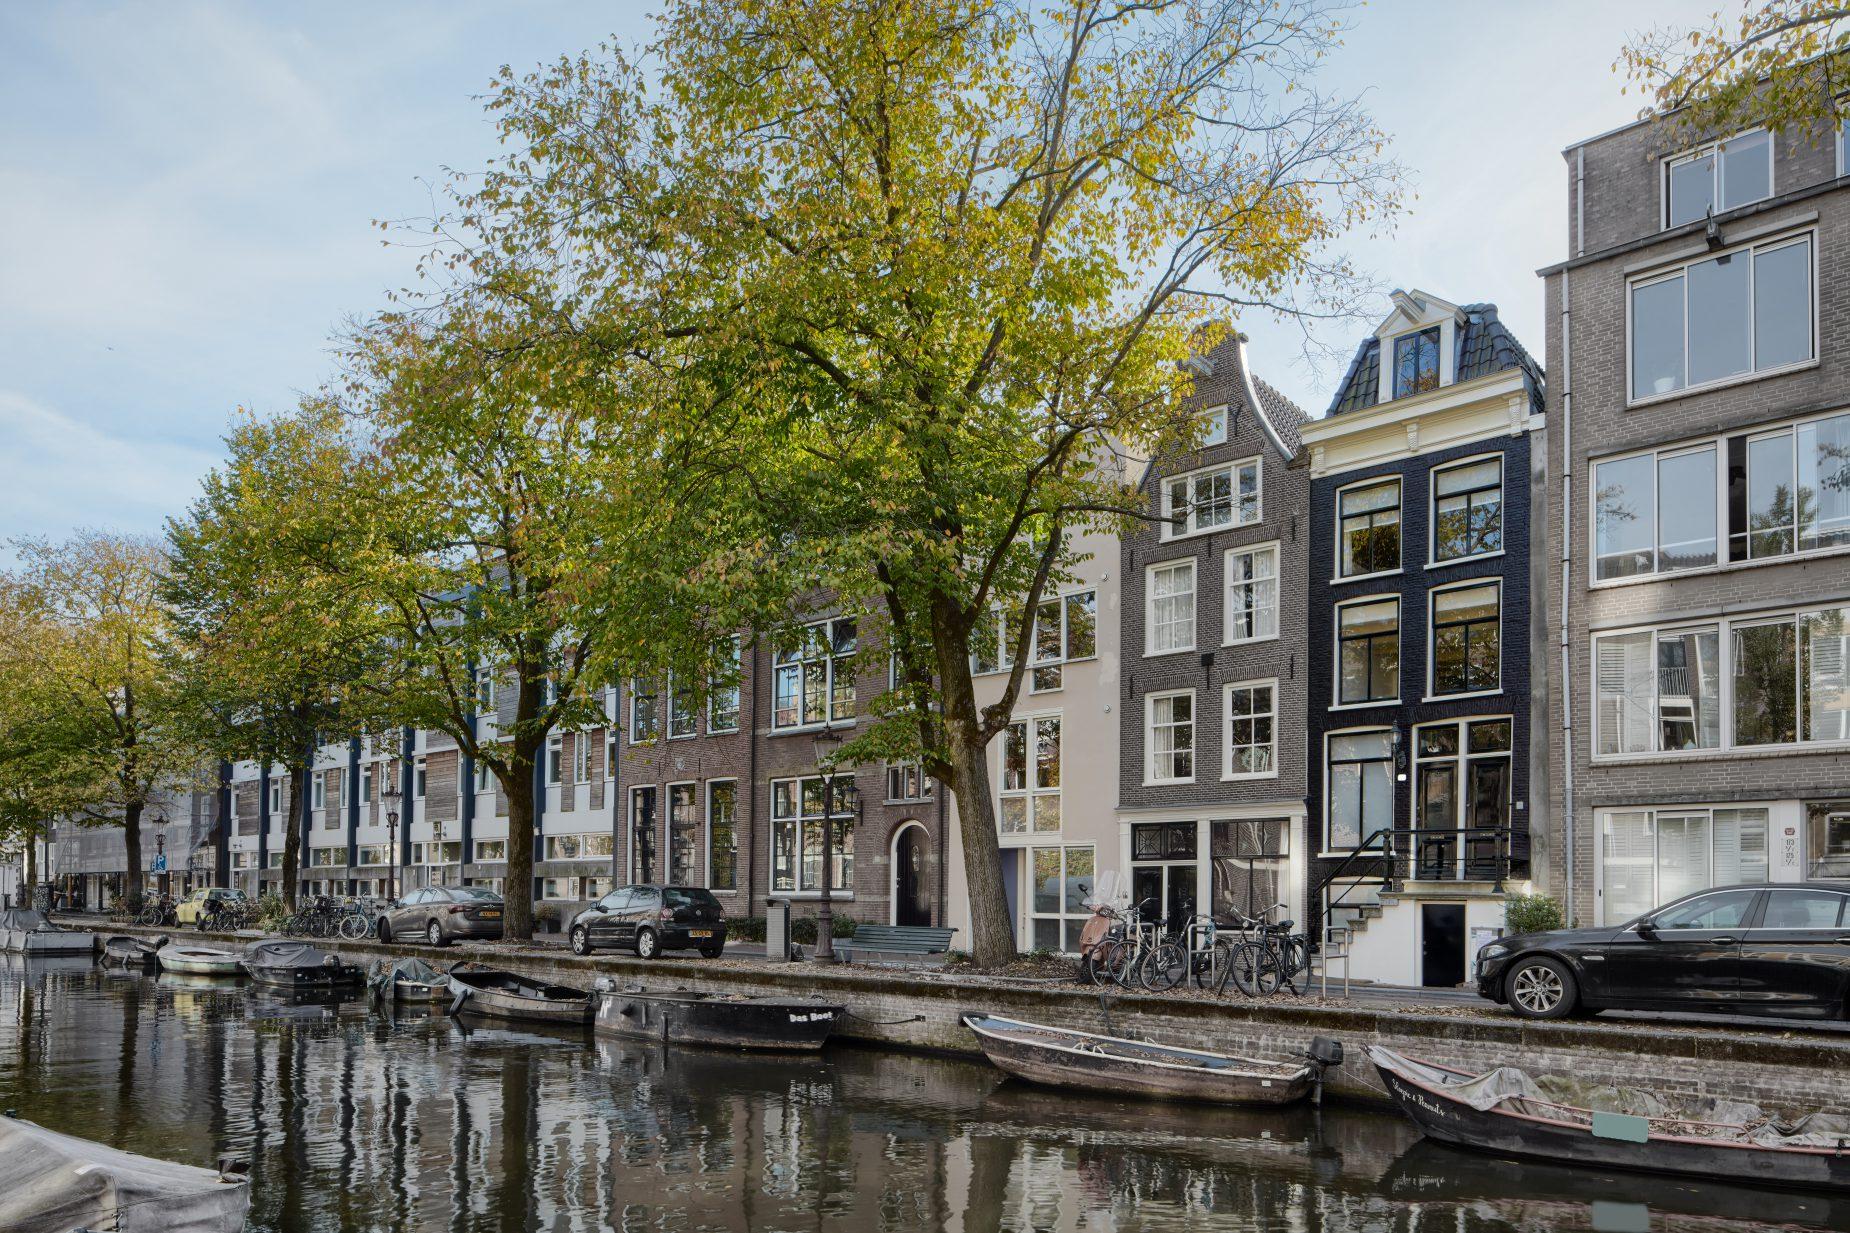 Renovatie van grachtenpand in Amsterdam gelegen in de Jordaan ontwerp met funderingsherstel door amsterdamse architect Maxim Winkelaar op Keizersgracht.